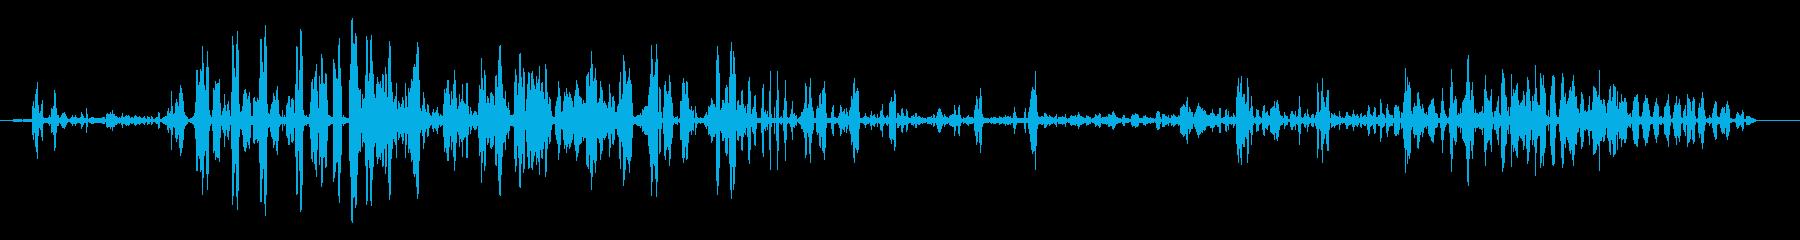 フランドルの再生済みの波形